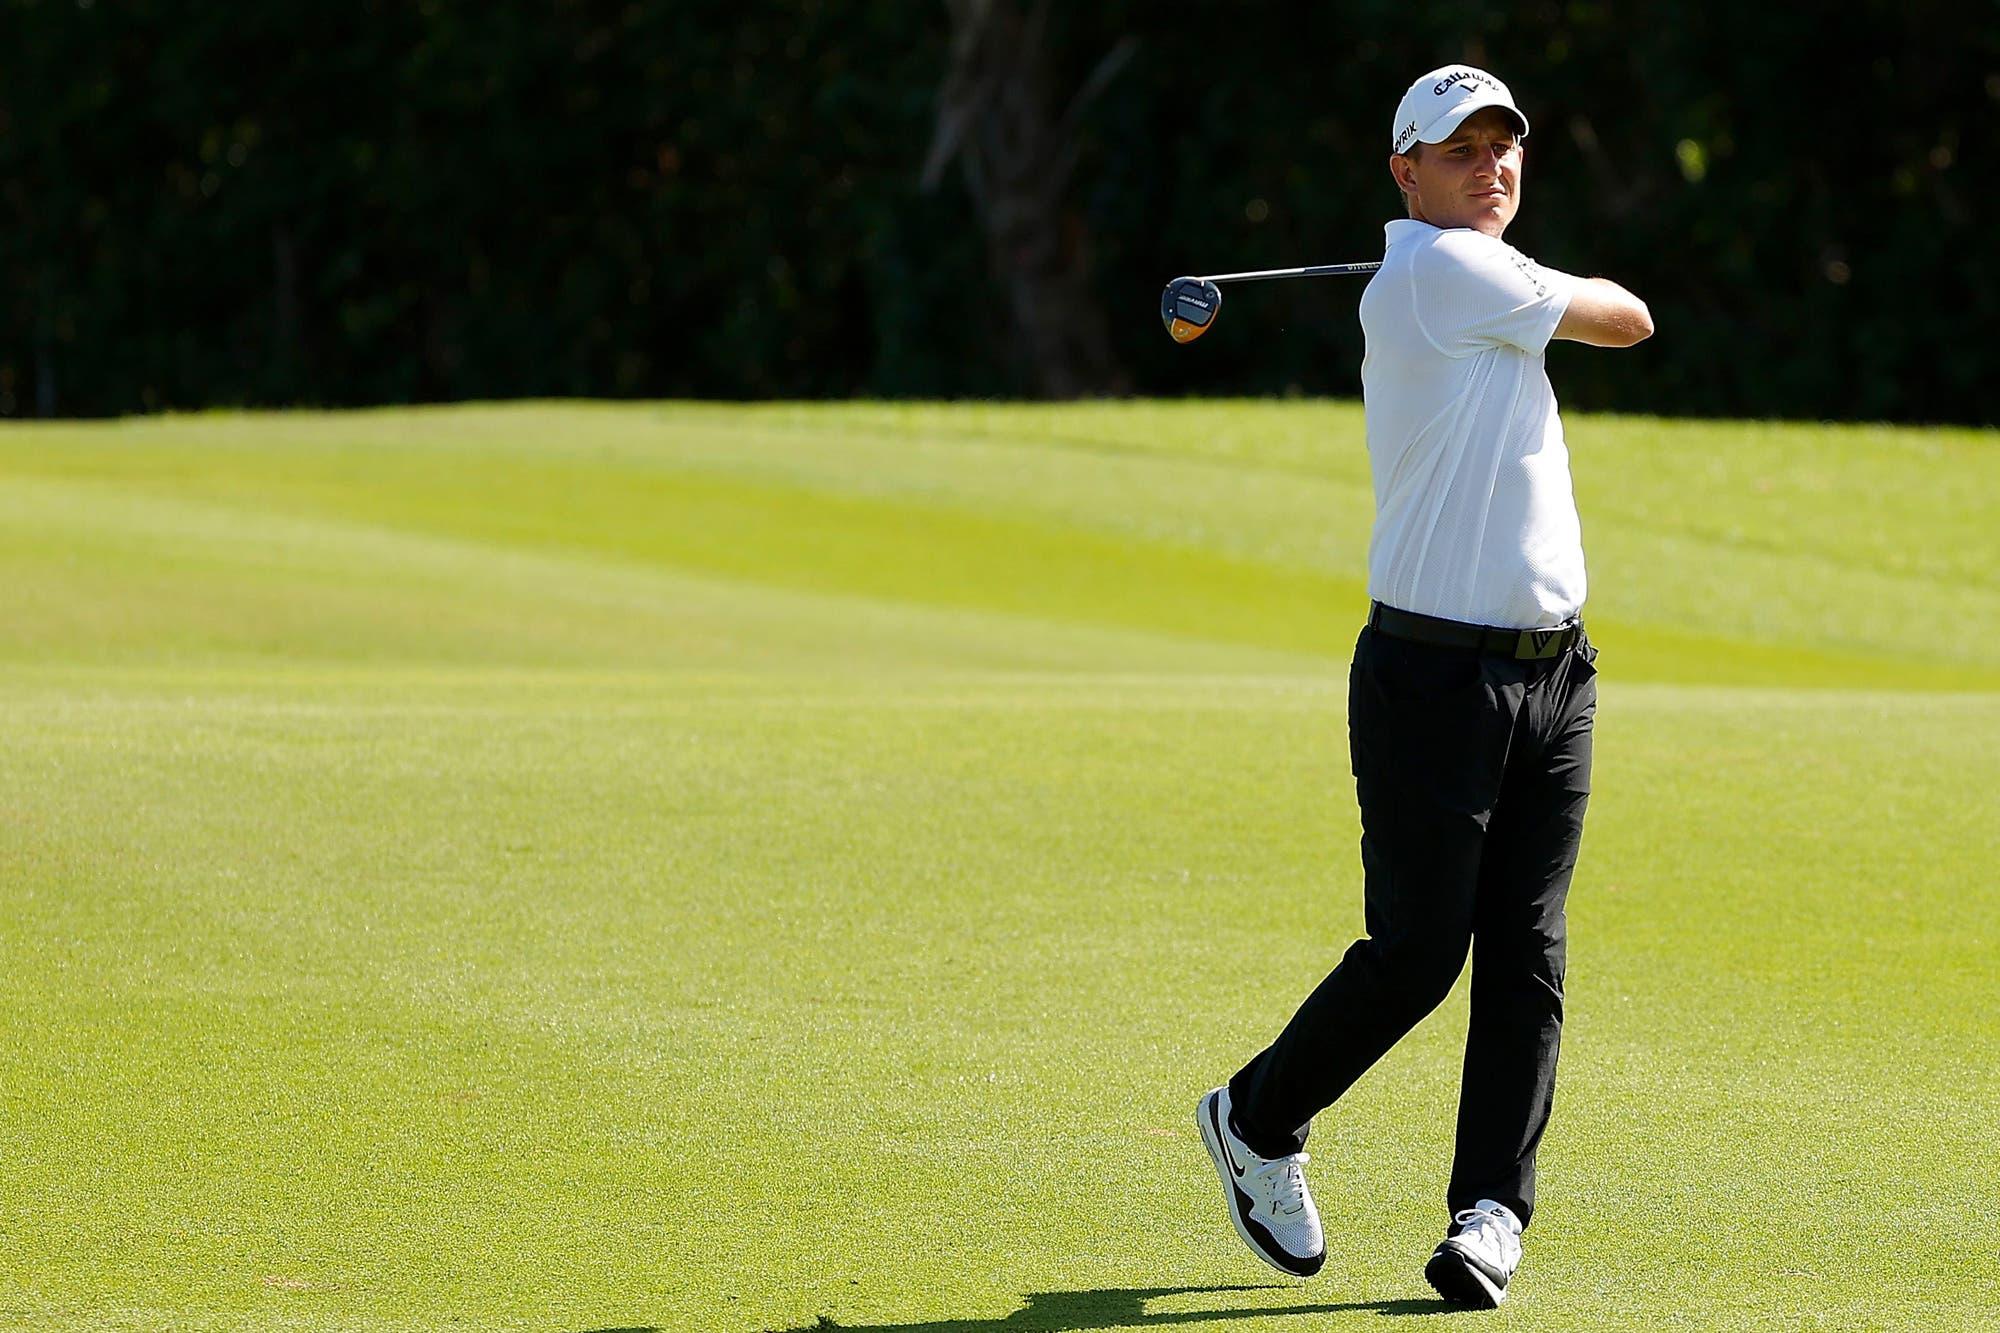 Emiliano Grillo comparte el liderazgo del Abierto de Puerto Rico en el PGA Tour, tras la segunda jornada